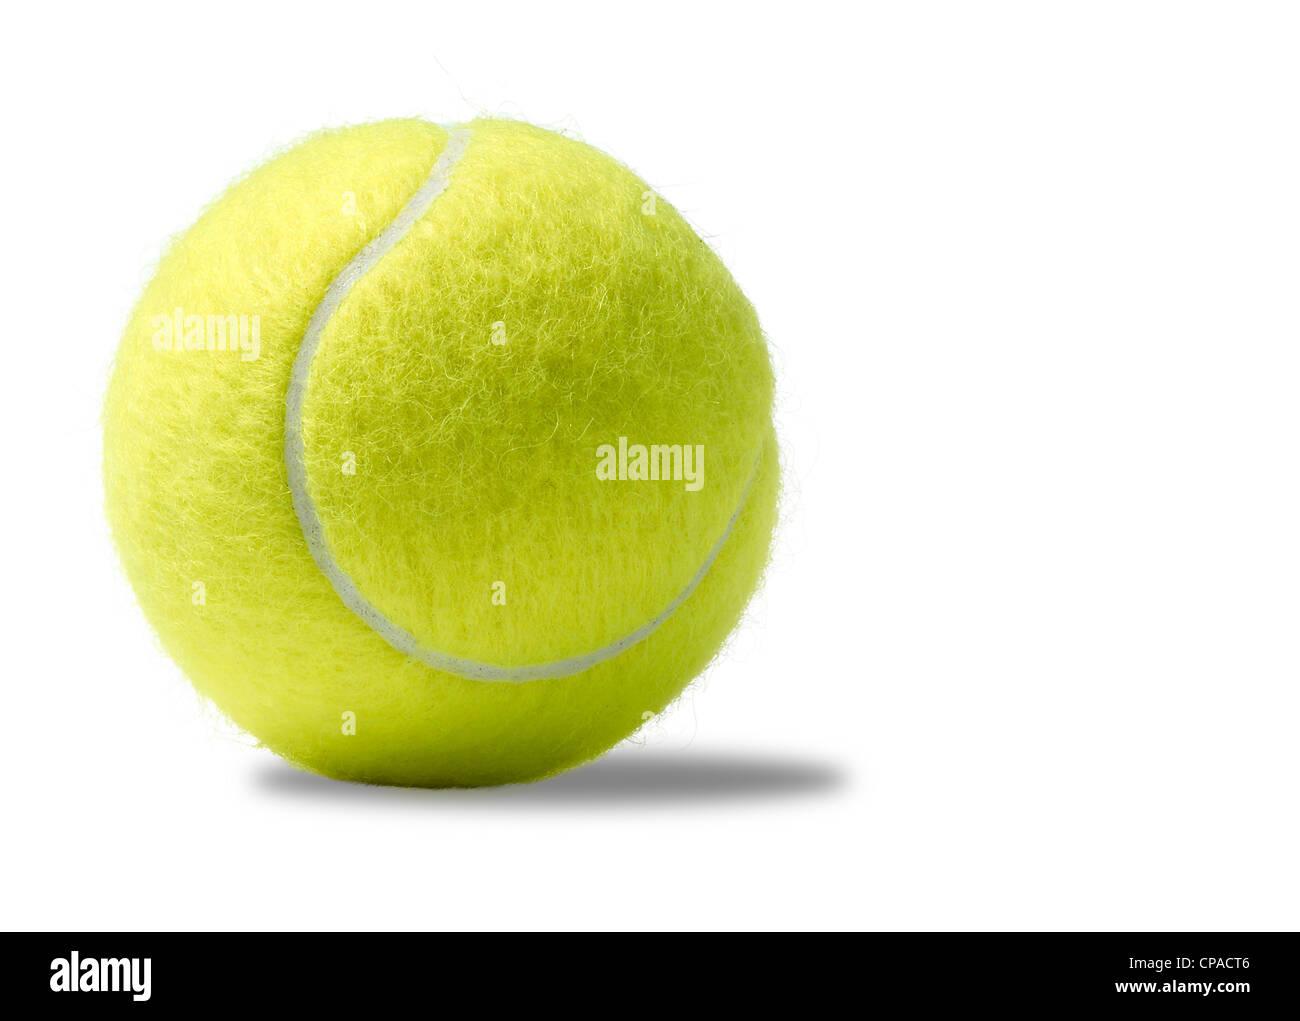 einen gelben Tennisball auf weißem Hintergrund Stockbild